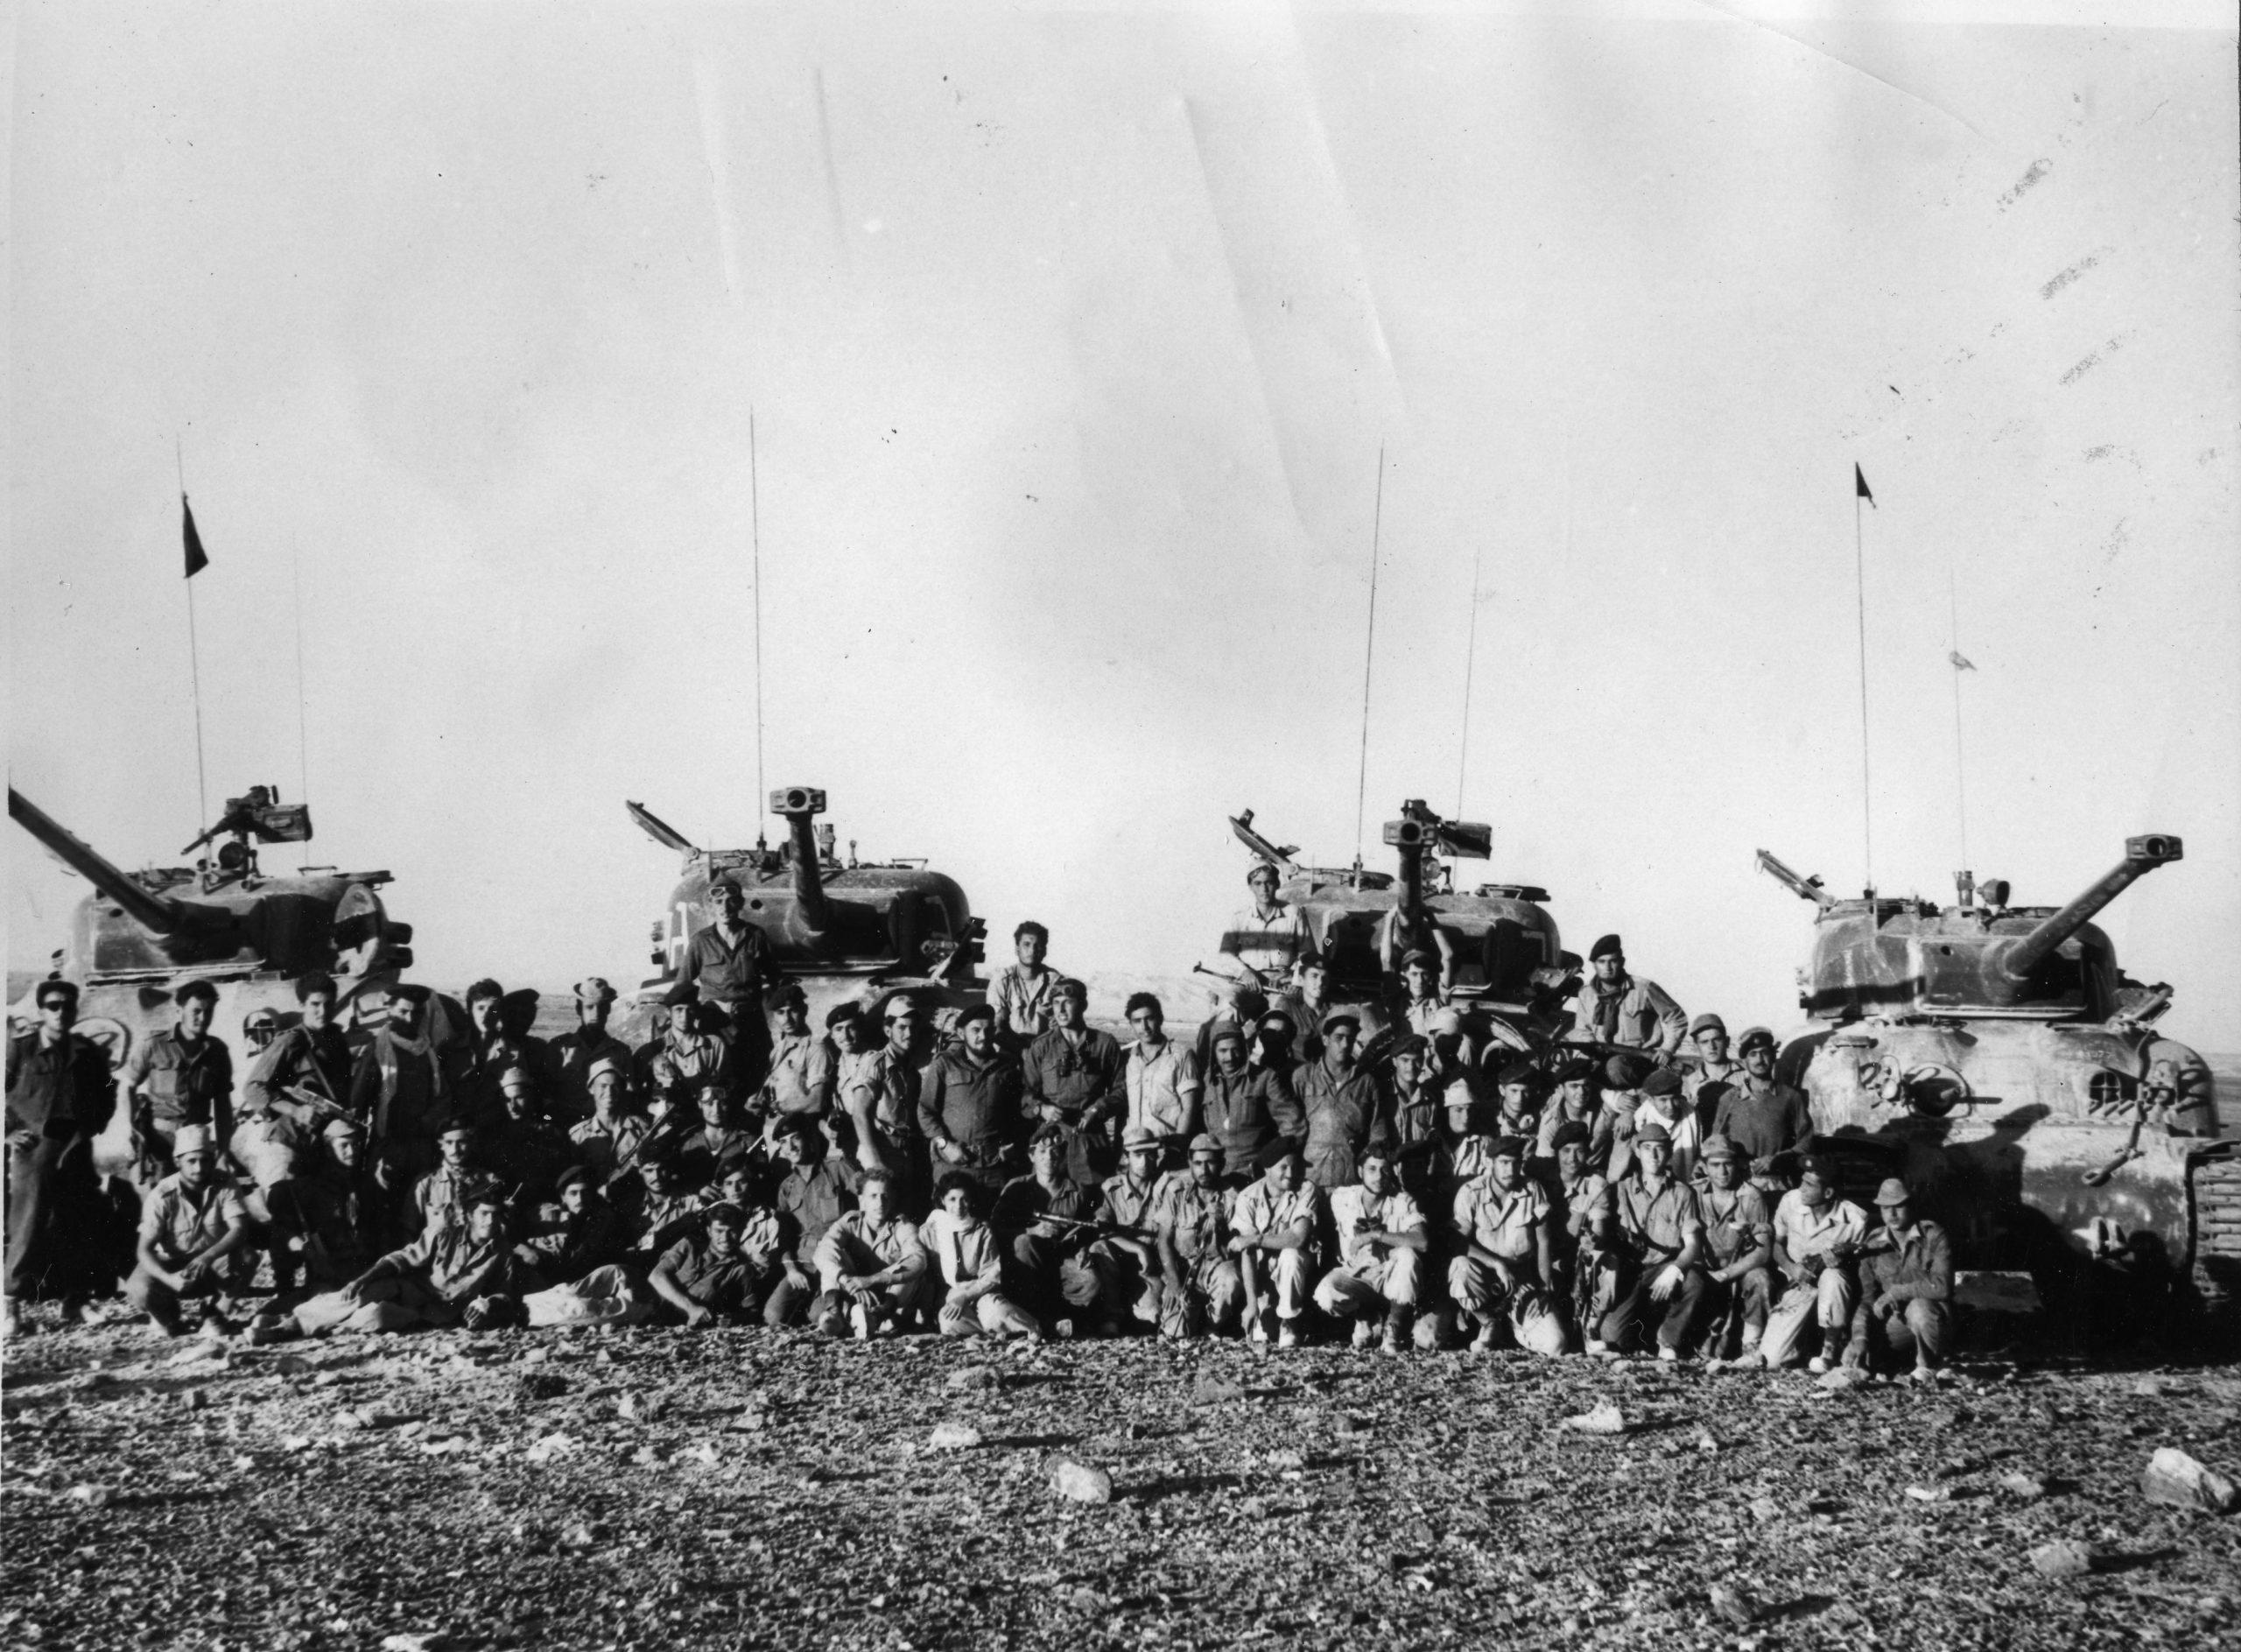 """לוחמי פלוגה א' מגדוד 82 לאחר מבצע קדש, מצוידים בטנקי שרמן M50 שאך עברו הסבה לתותח צרפתי 75 מ""""מ. במרכז עם המשקפת , המ""""פ משה בריל בר-כוכבא. (צילום: אוסף בן-ארי)"""